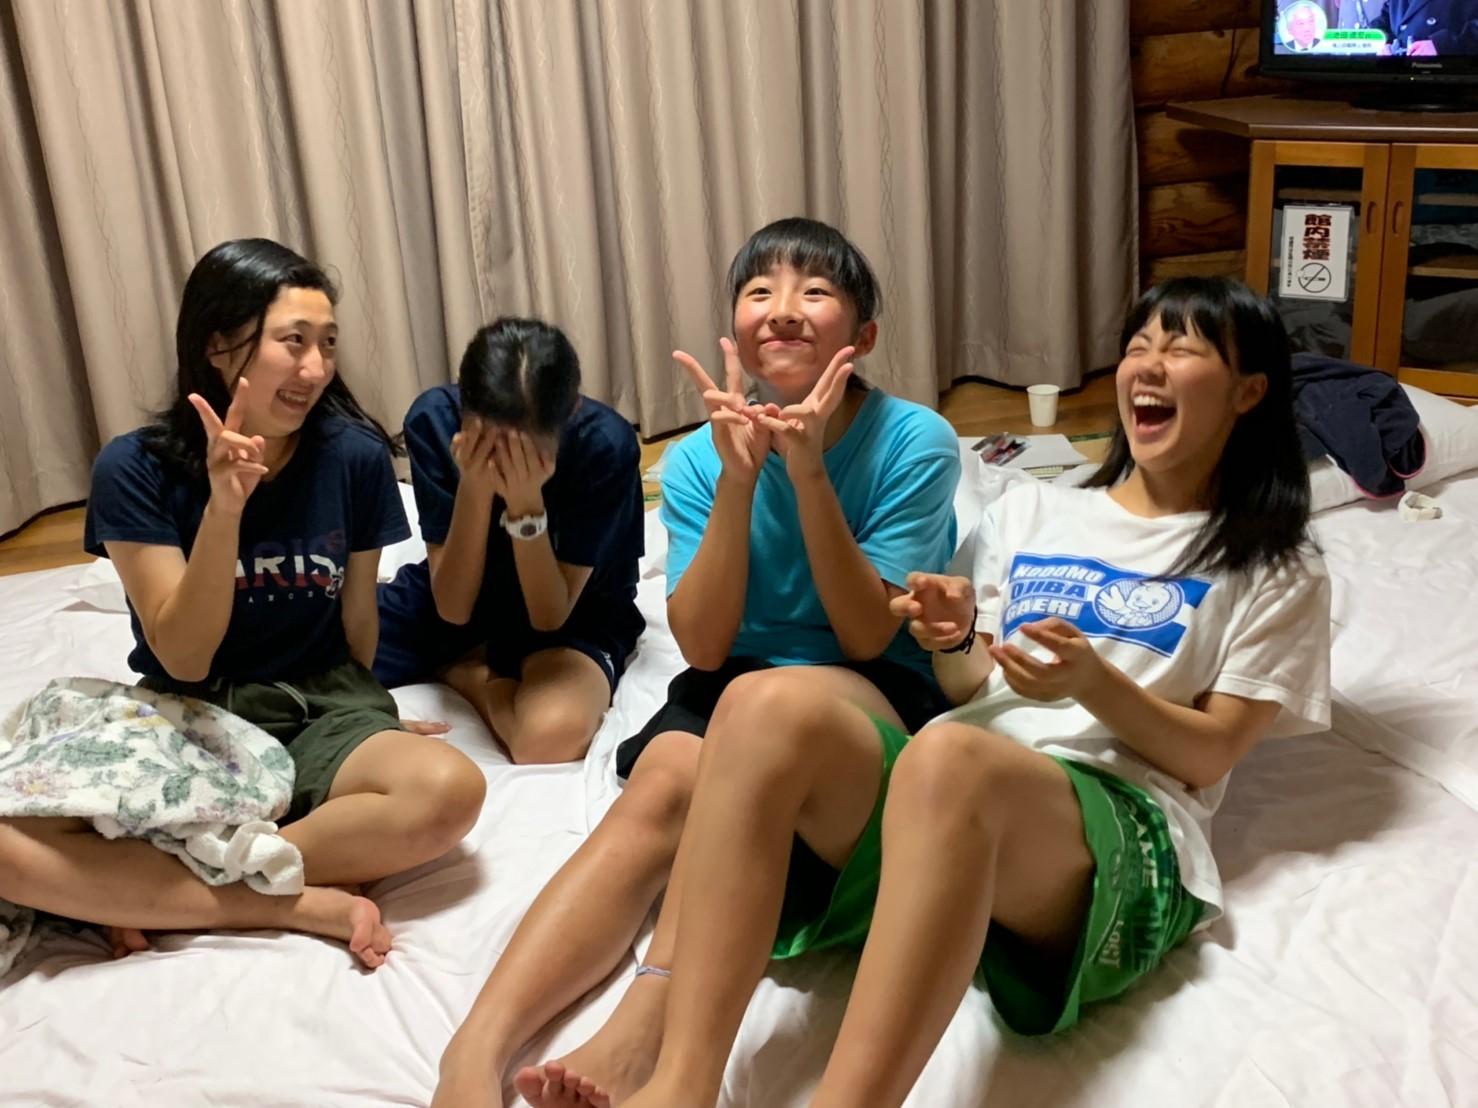 中3夏合宿 子どもたちの写真①_d0116009_08461831.jpg